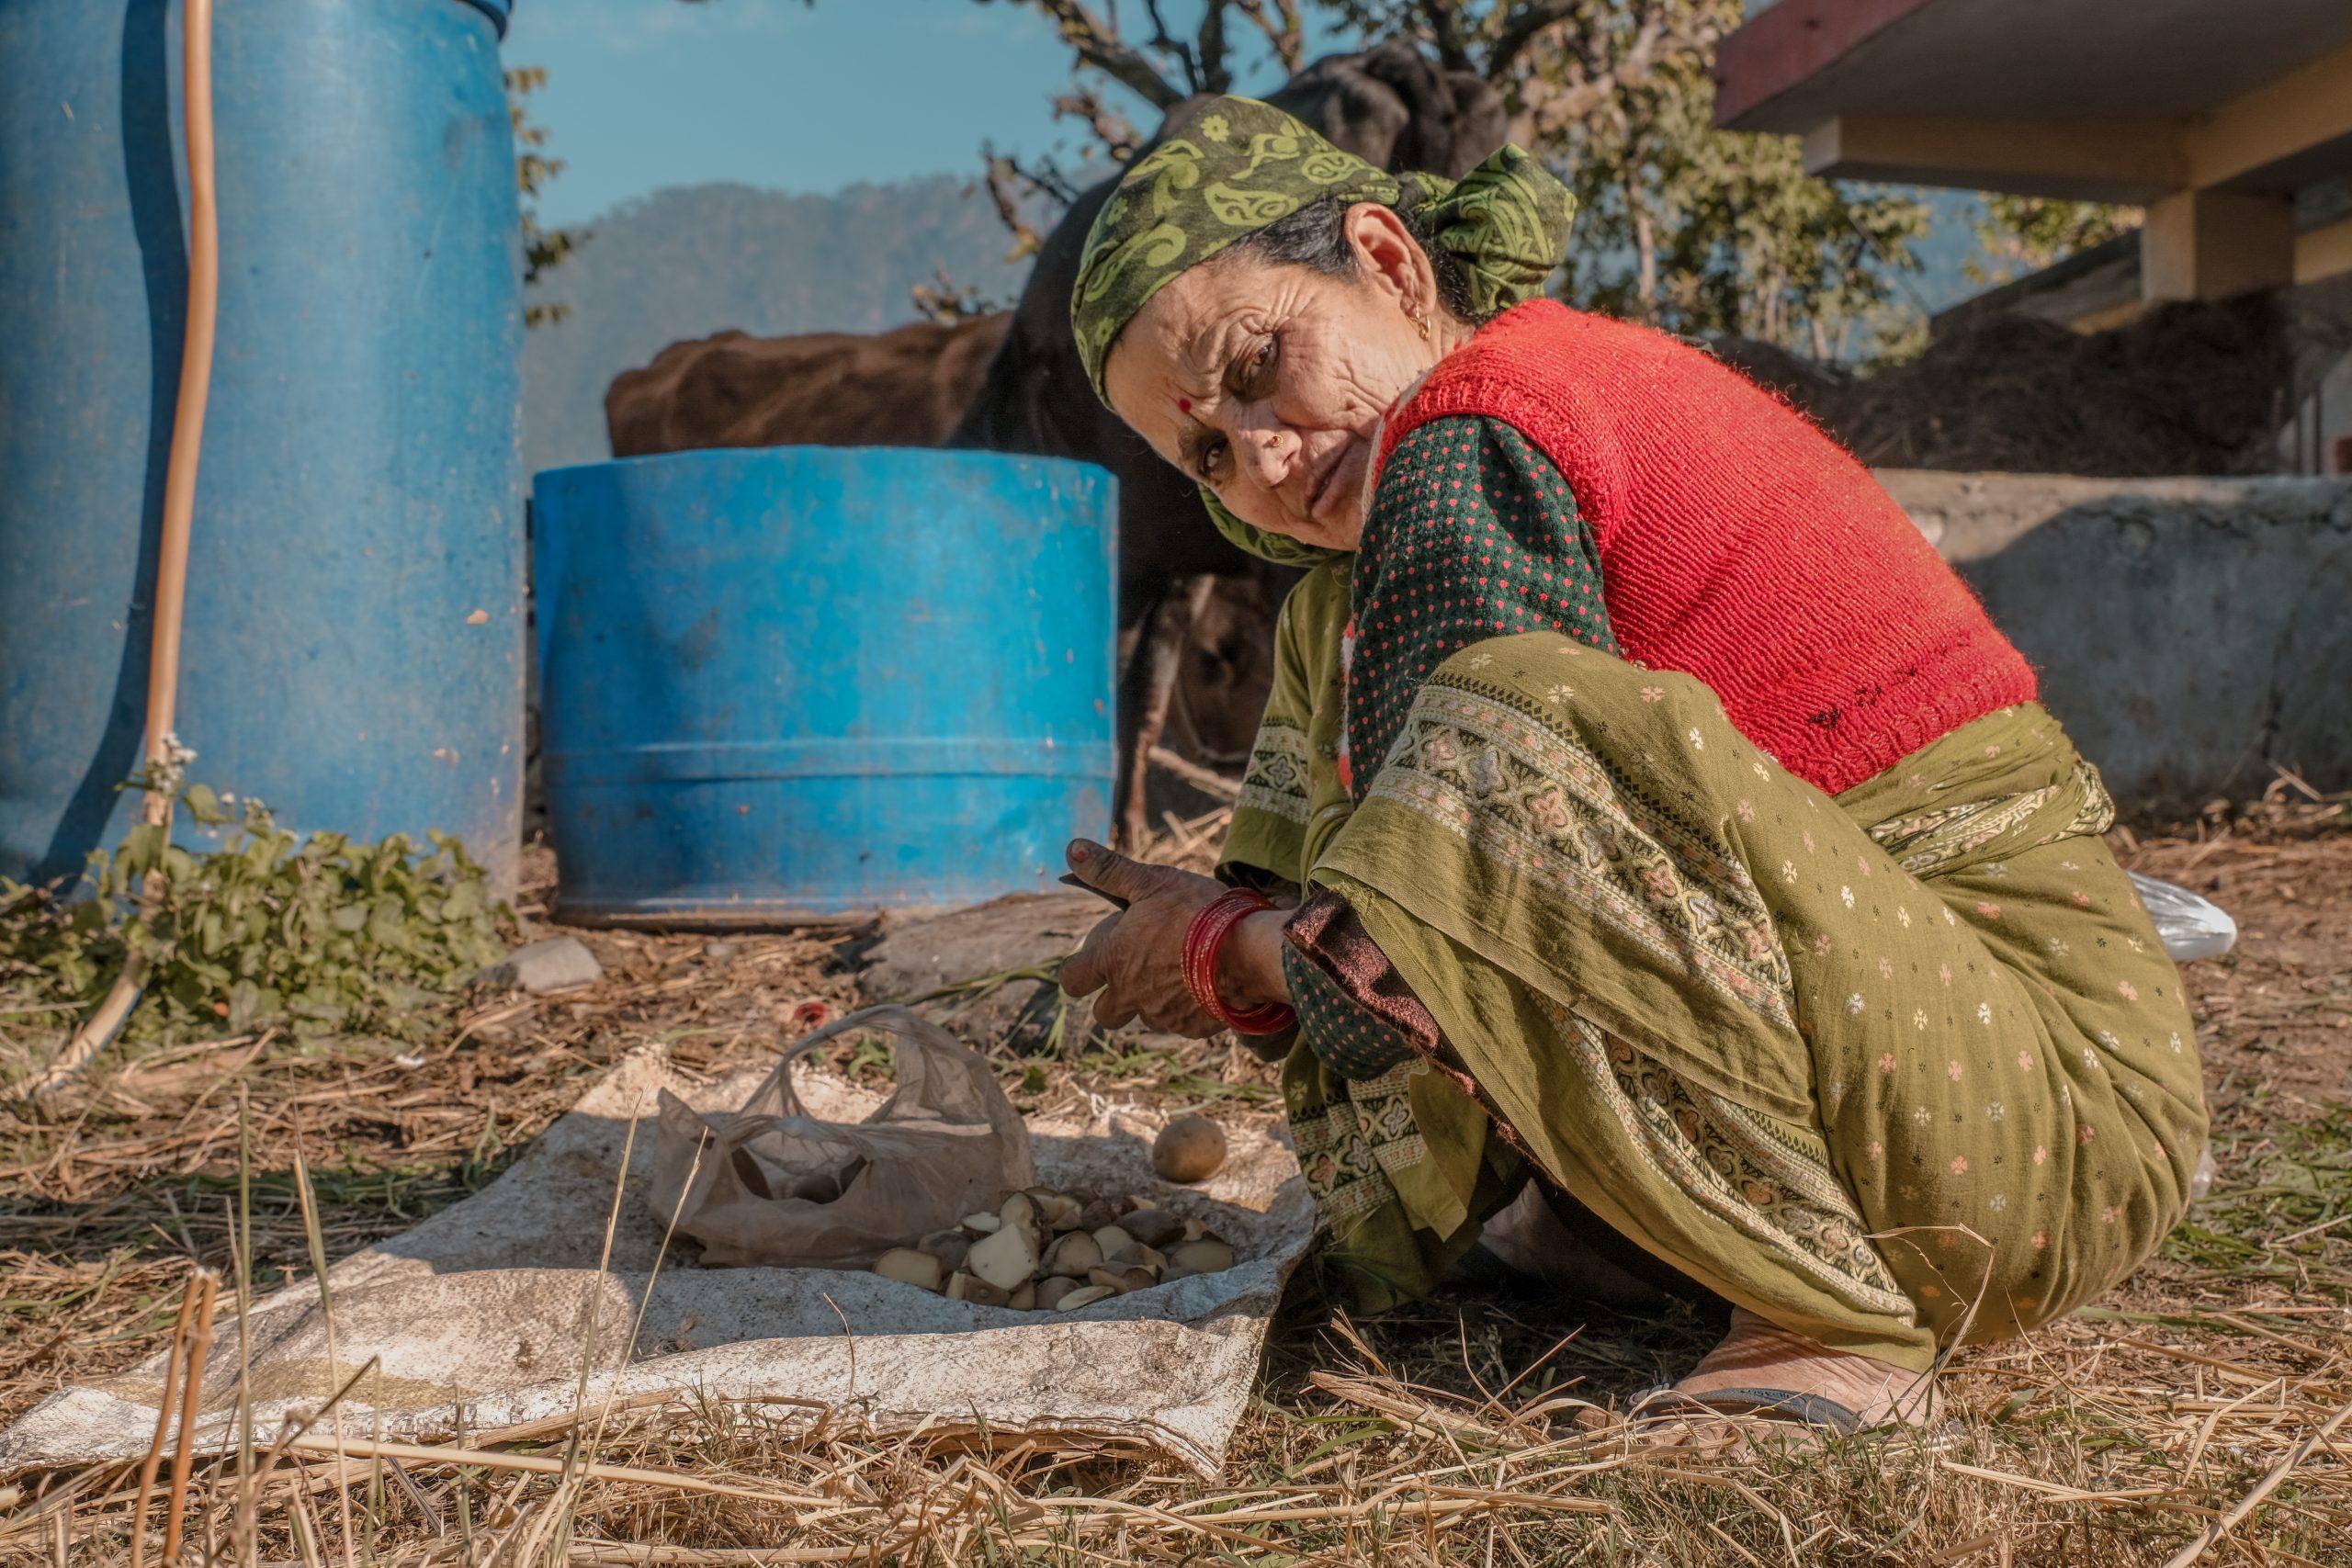 A village woman